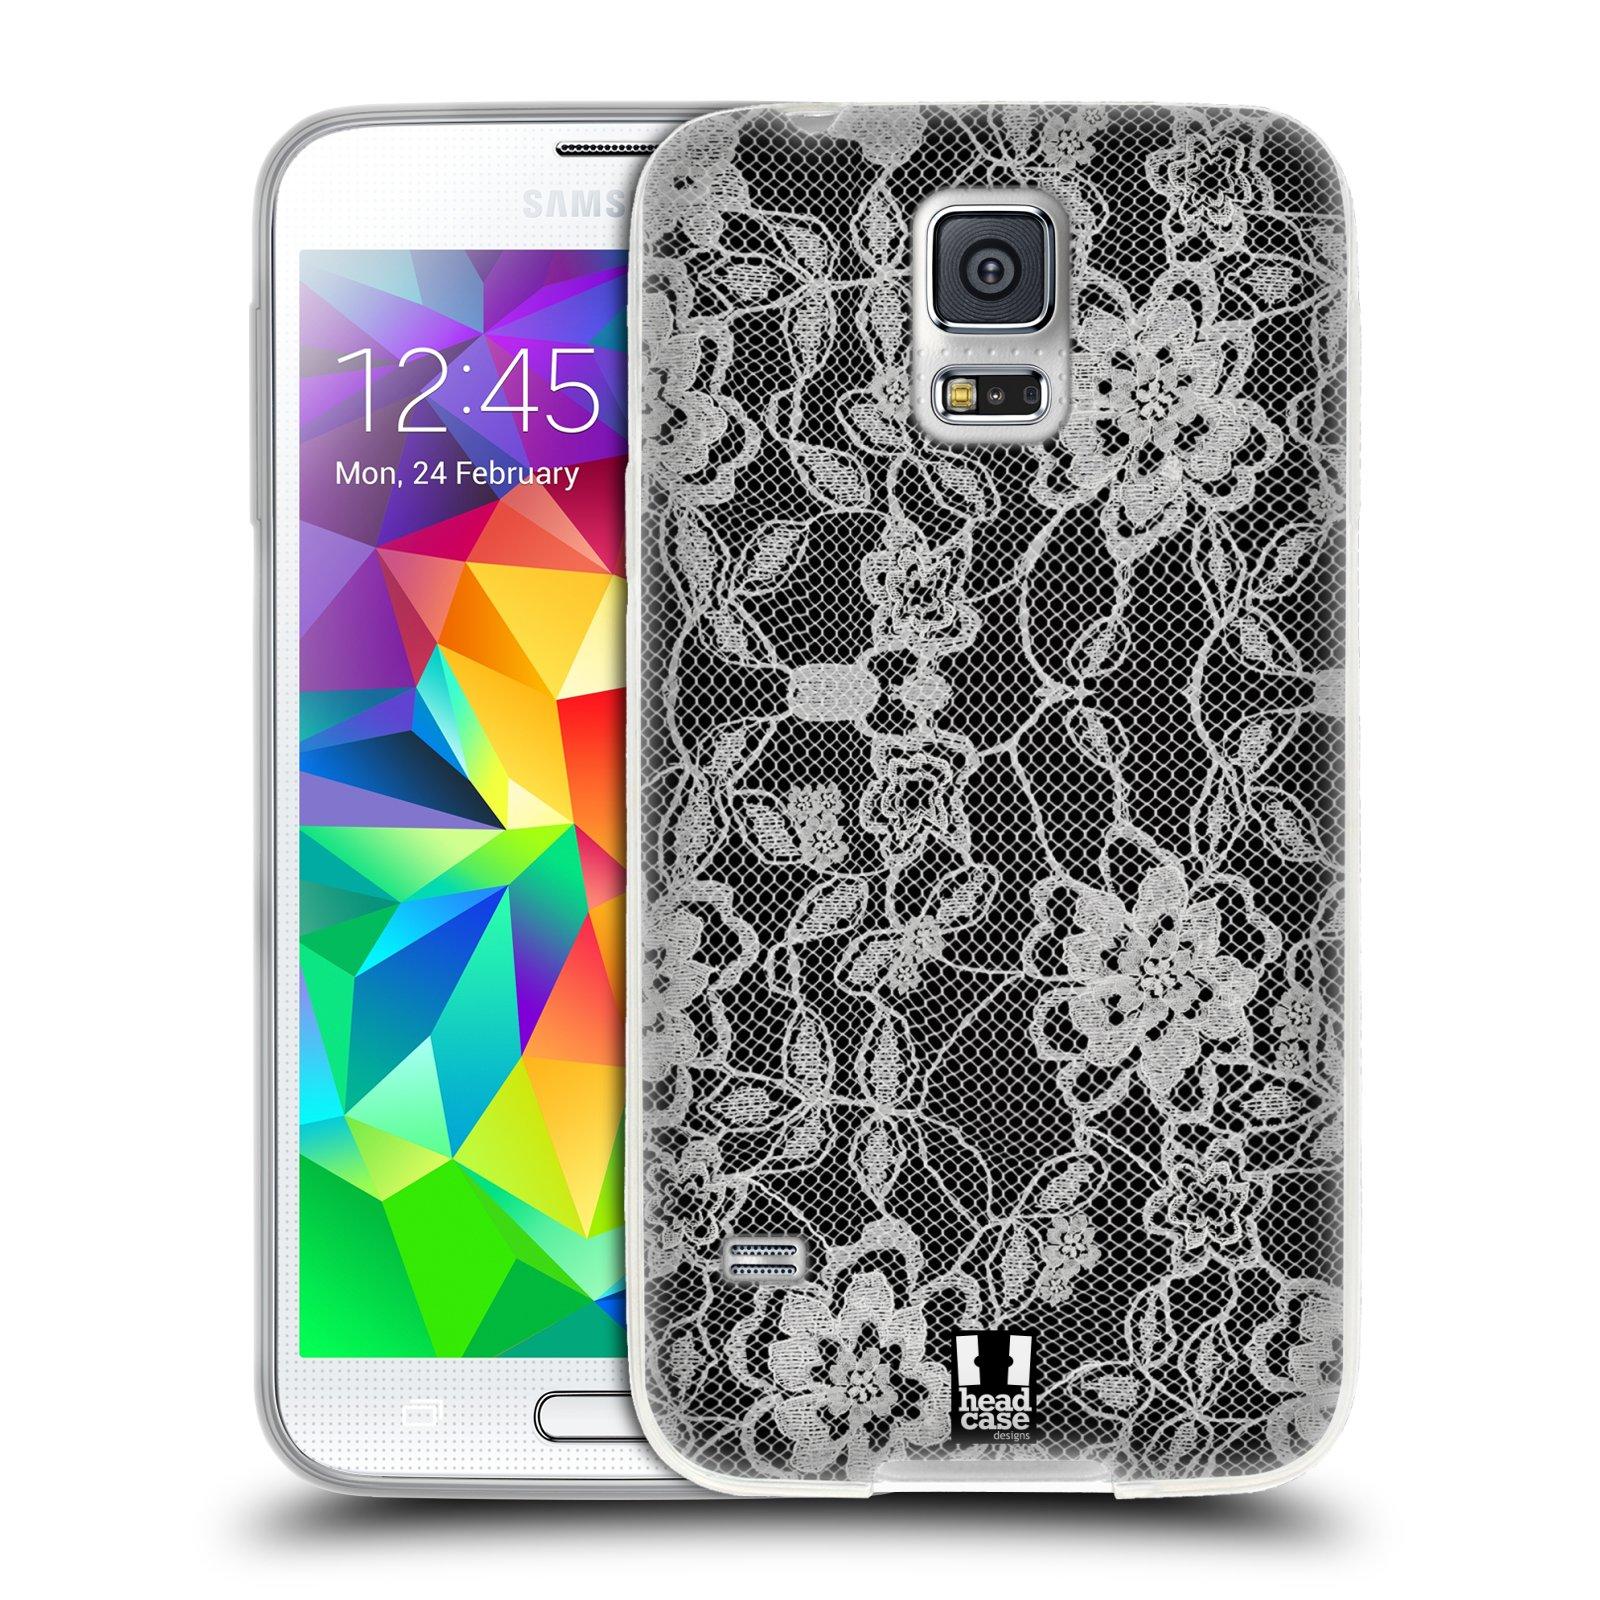 Silikonové pouzdro na mobil Samsung Galaxy S5 HEAD CASE FLOWERY KRAJKA (Silikonový kryt či obal na mobilní telefon Samsung Galaxy S5 SM-G900F)